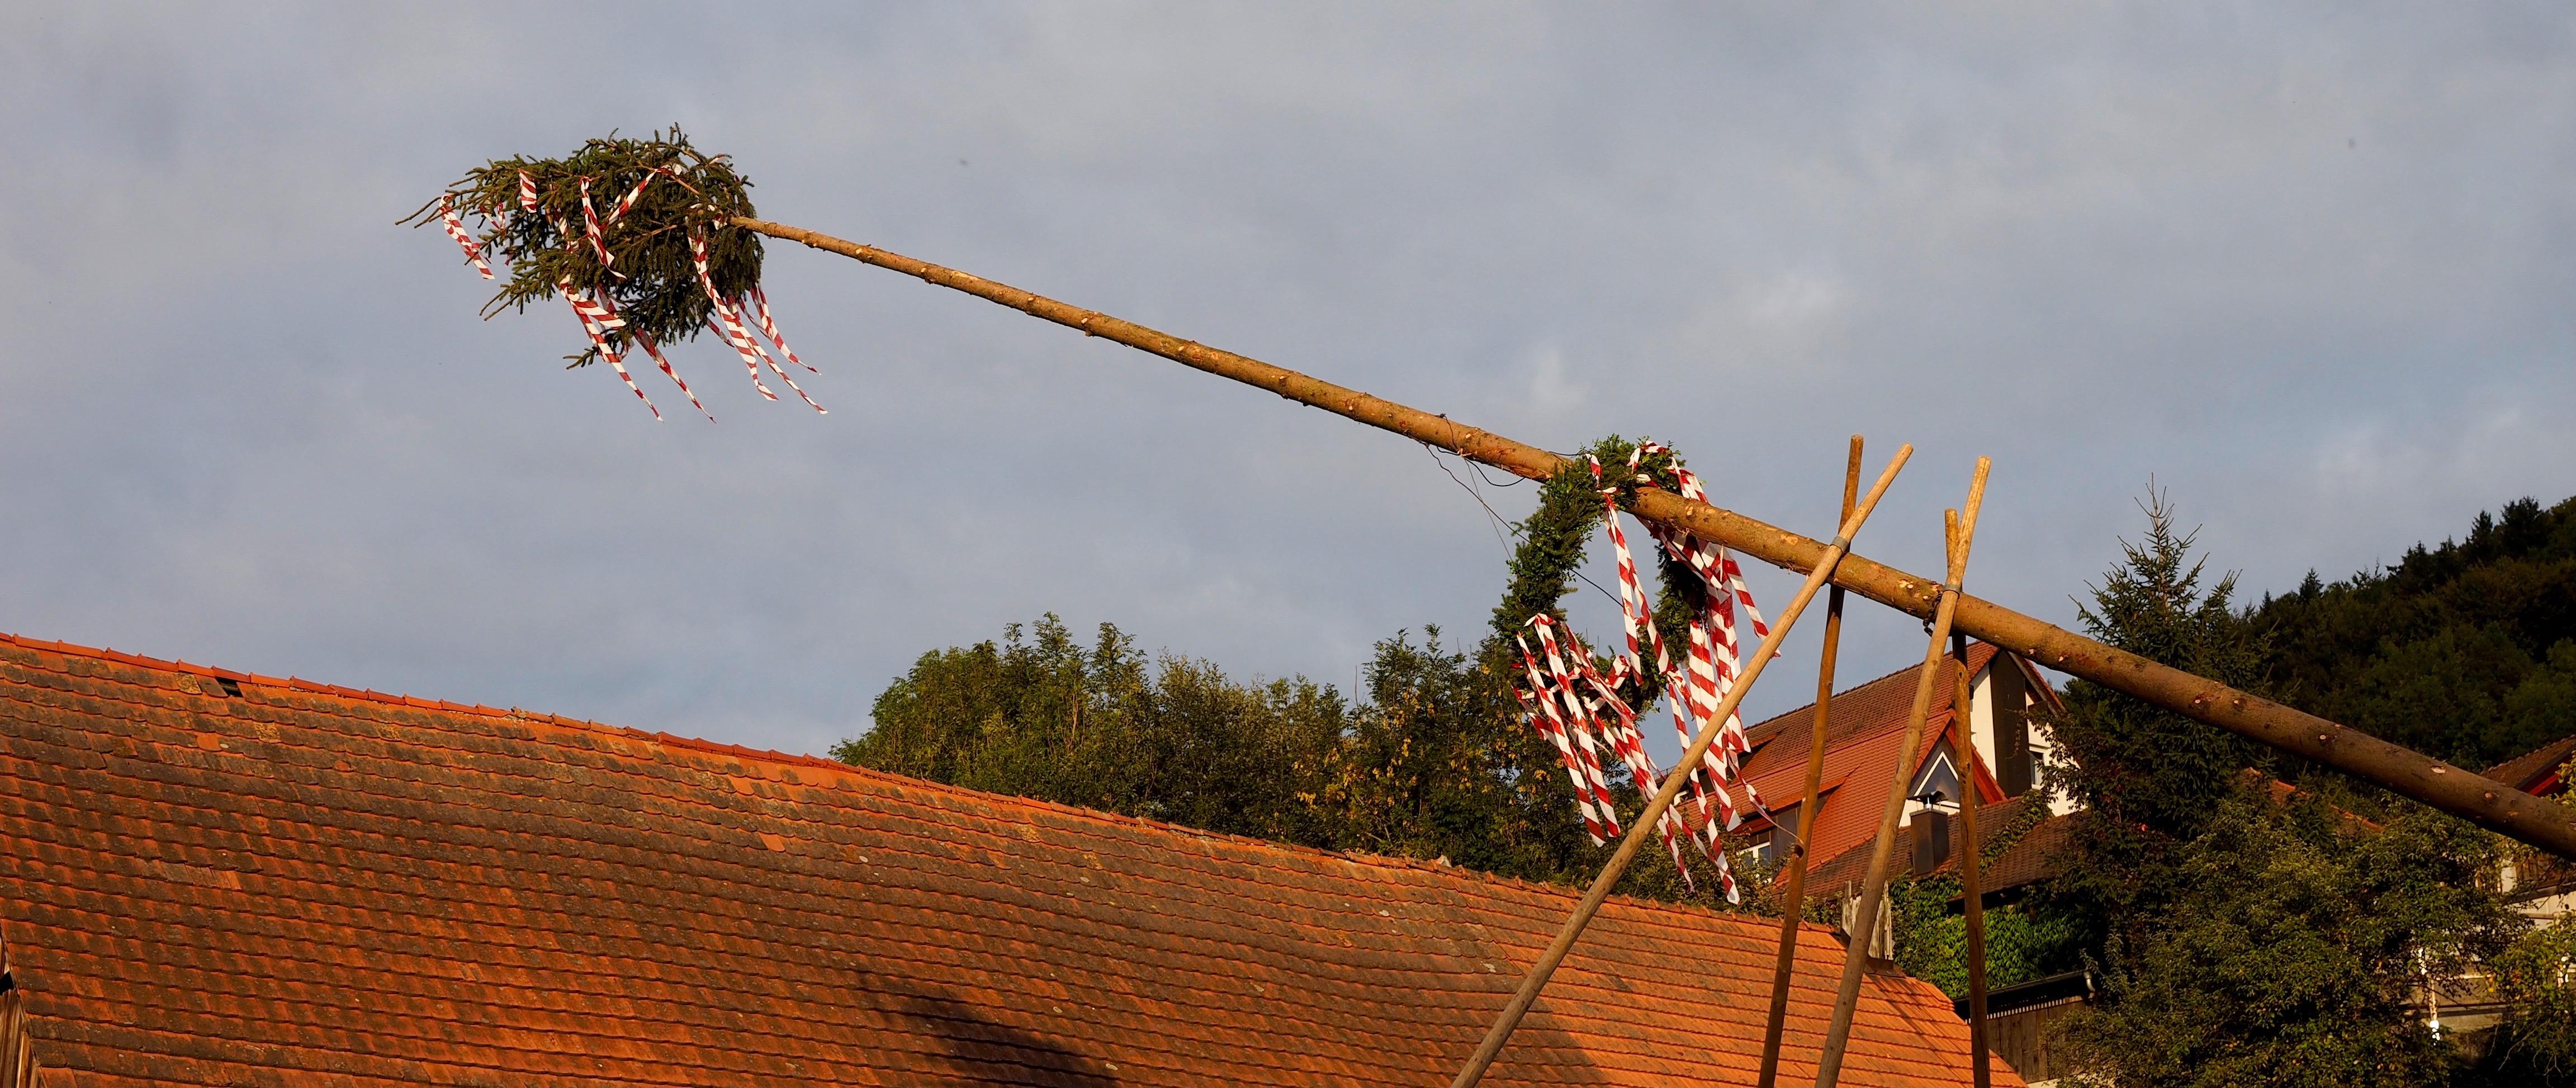 Nochmal Kerwa Baum statt Oktoberfest